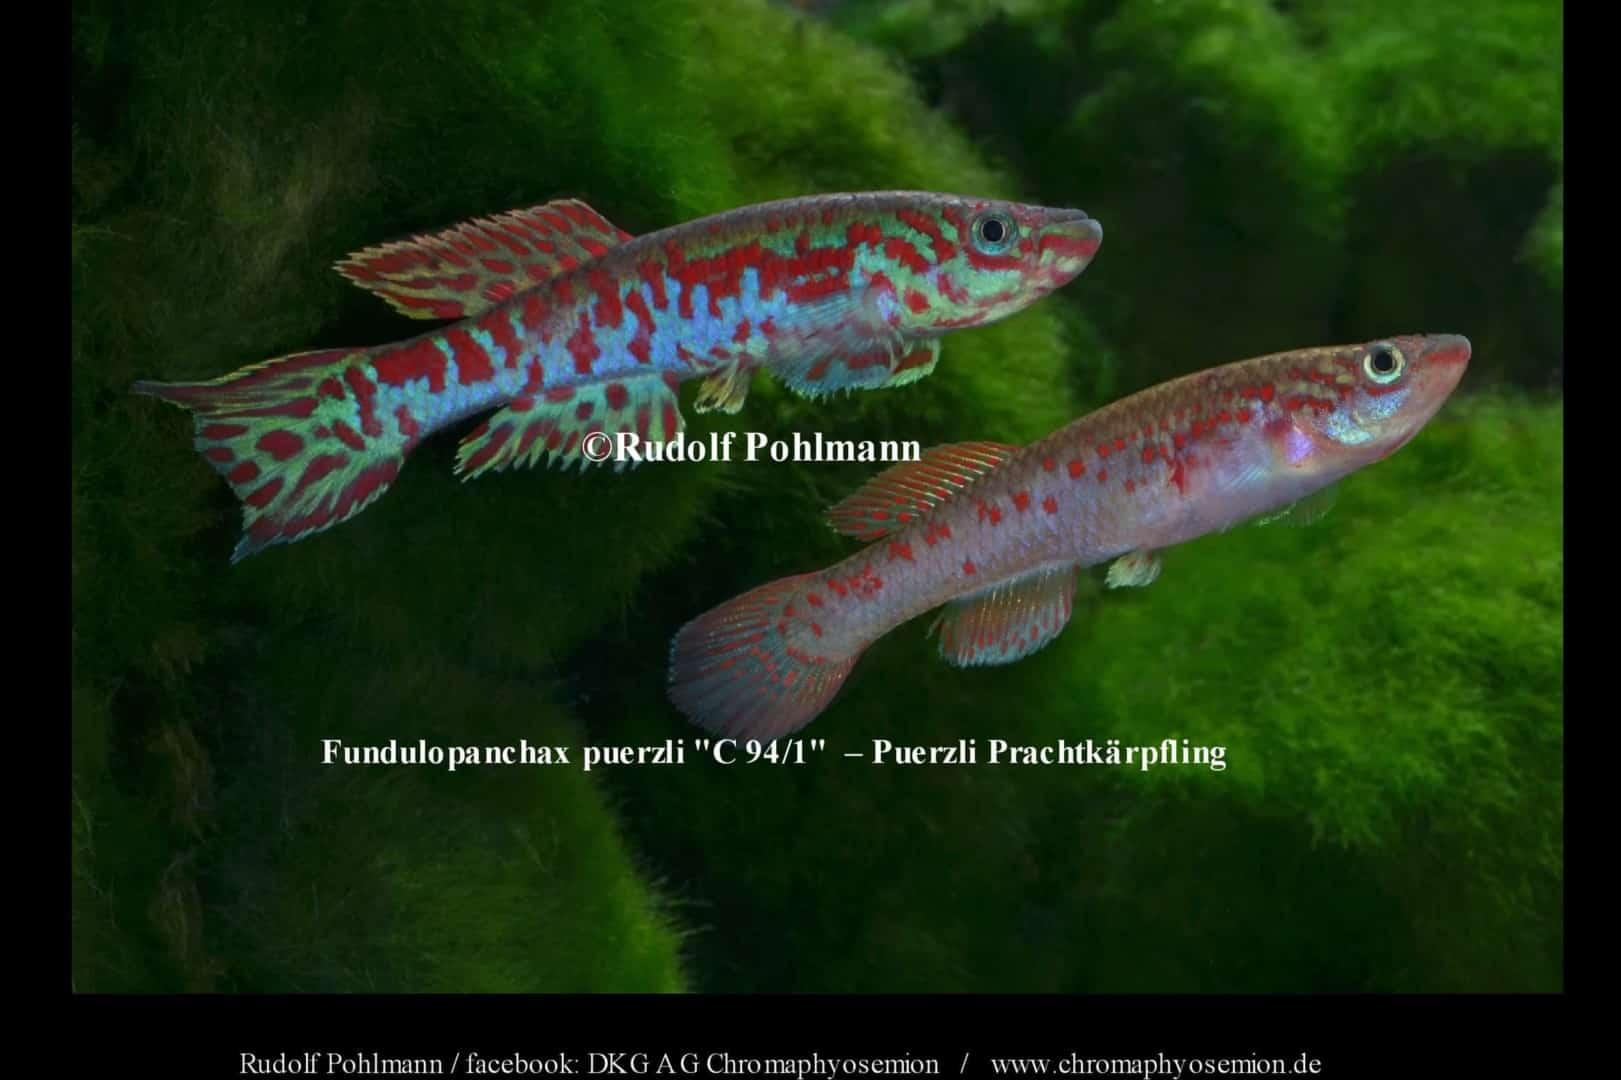 Fundulopanchax puerzli – Puerzli Prachtkärpfling 1